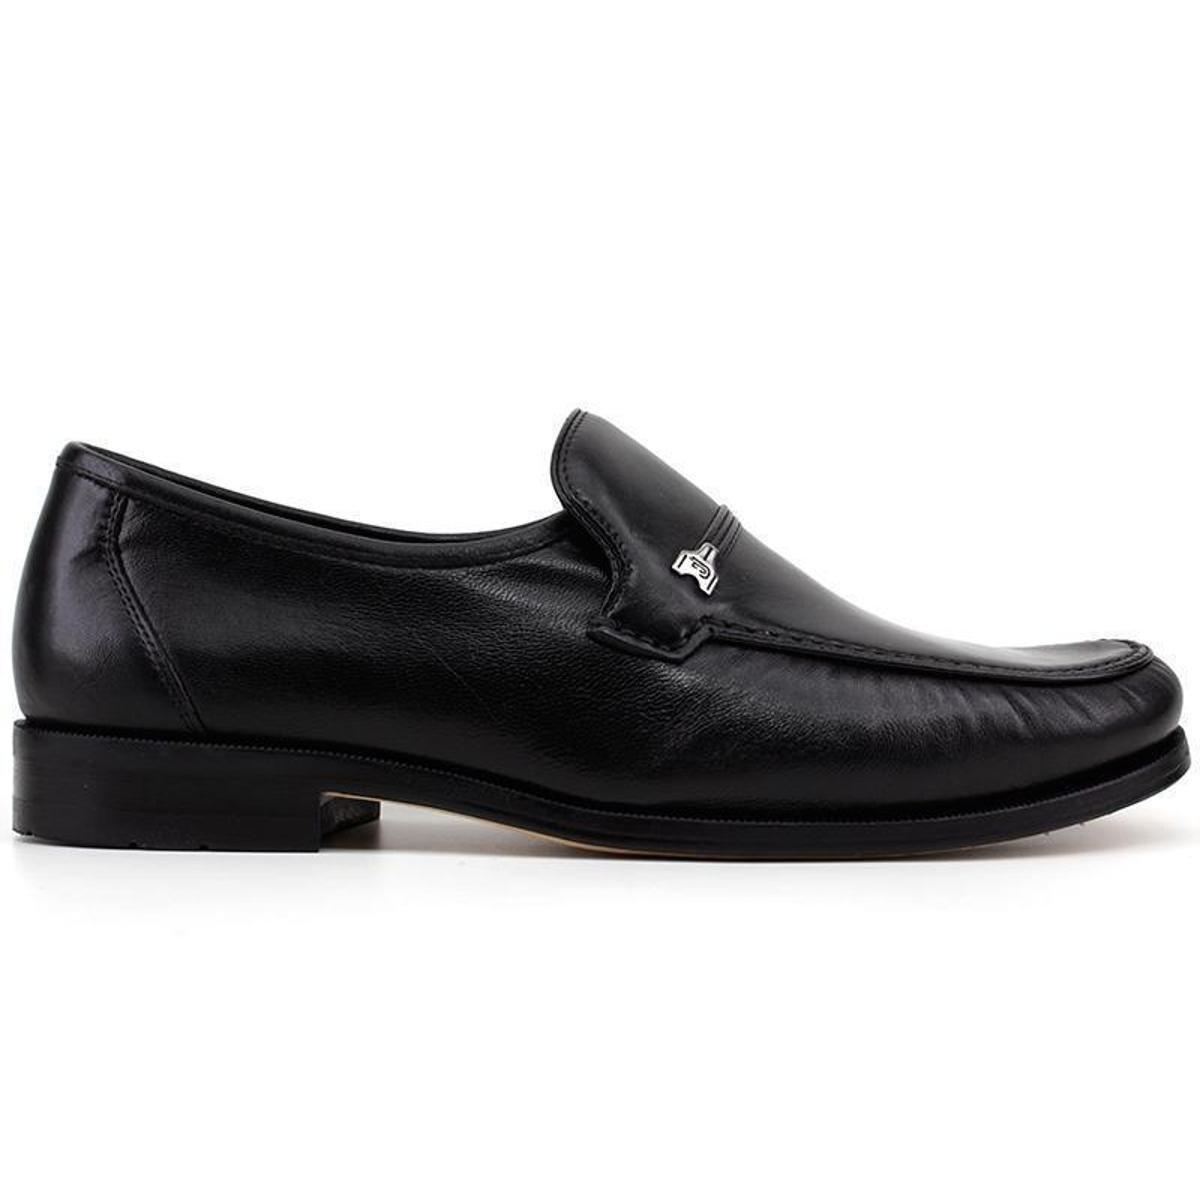 Sapato Social Couro Jacometti 001 Masculino - Preto